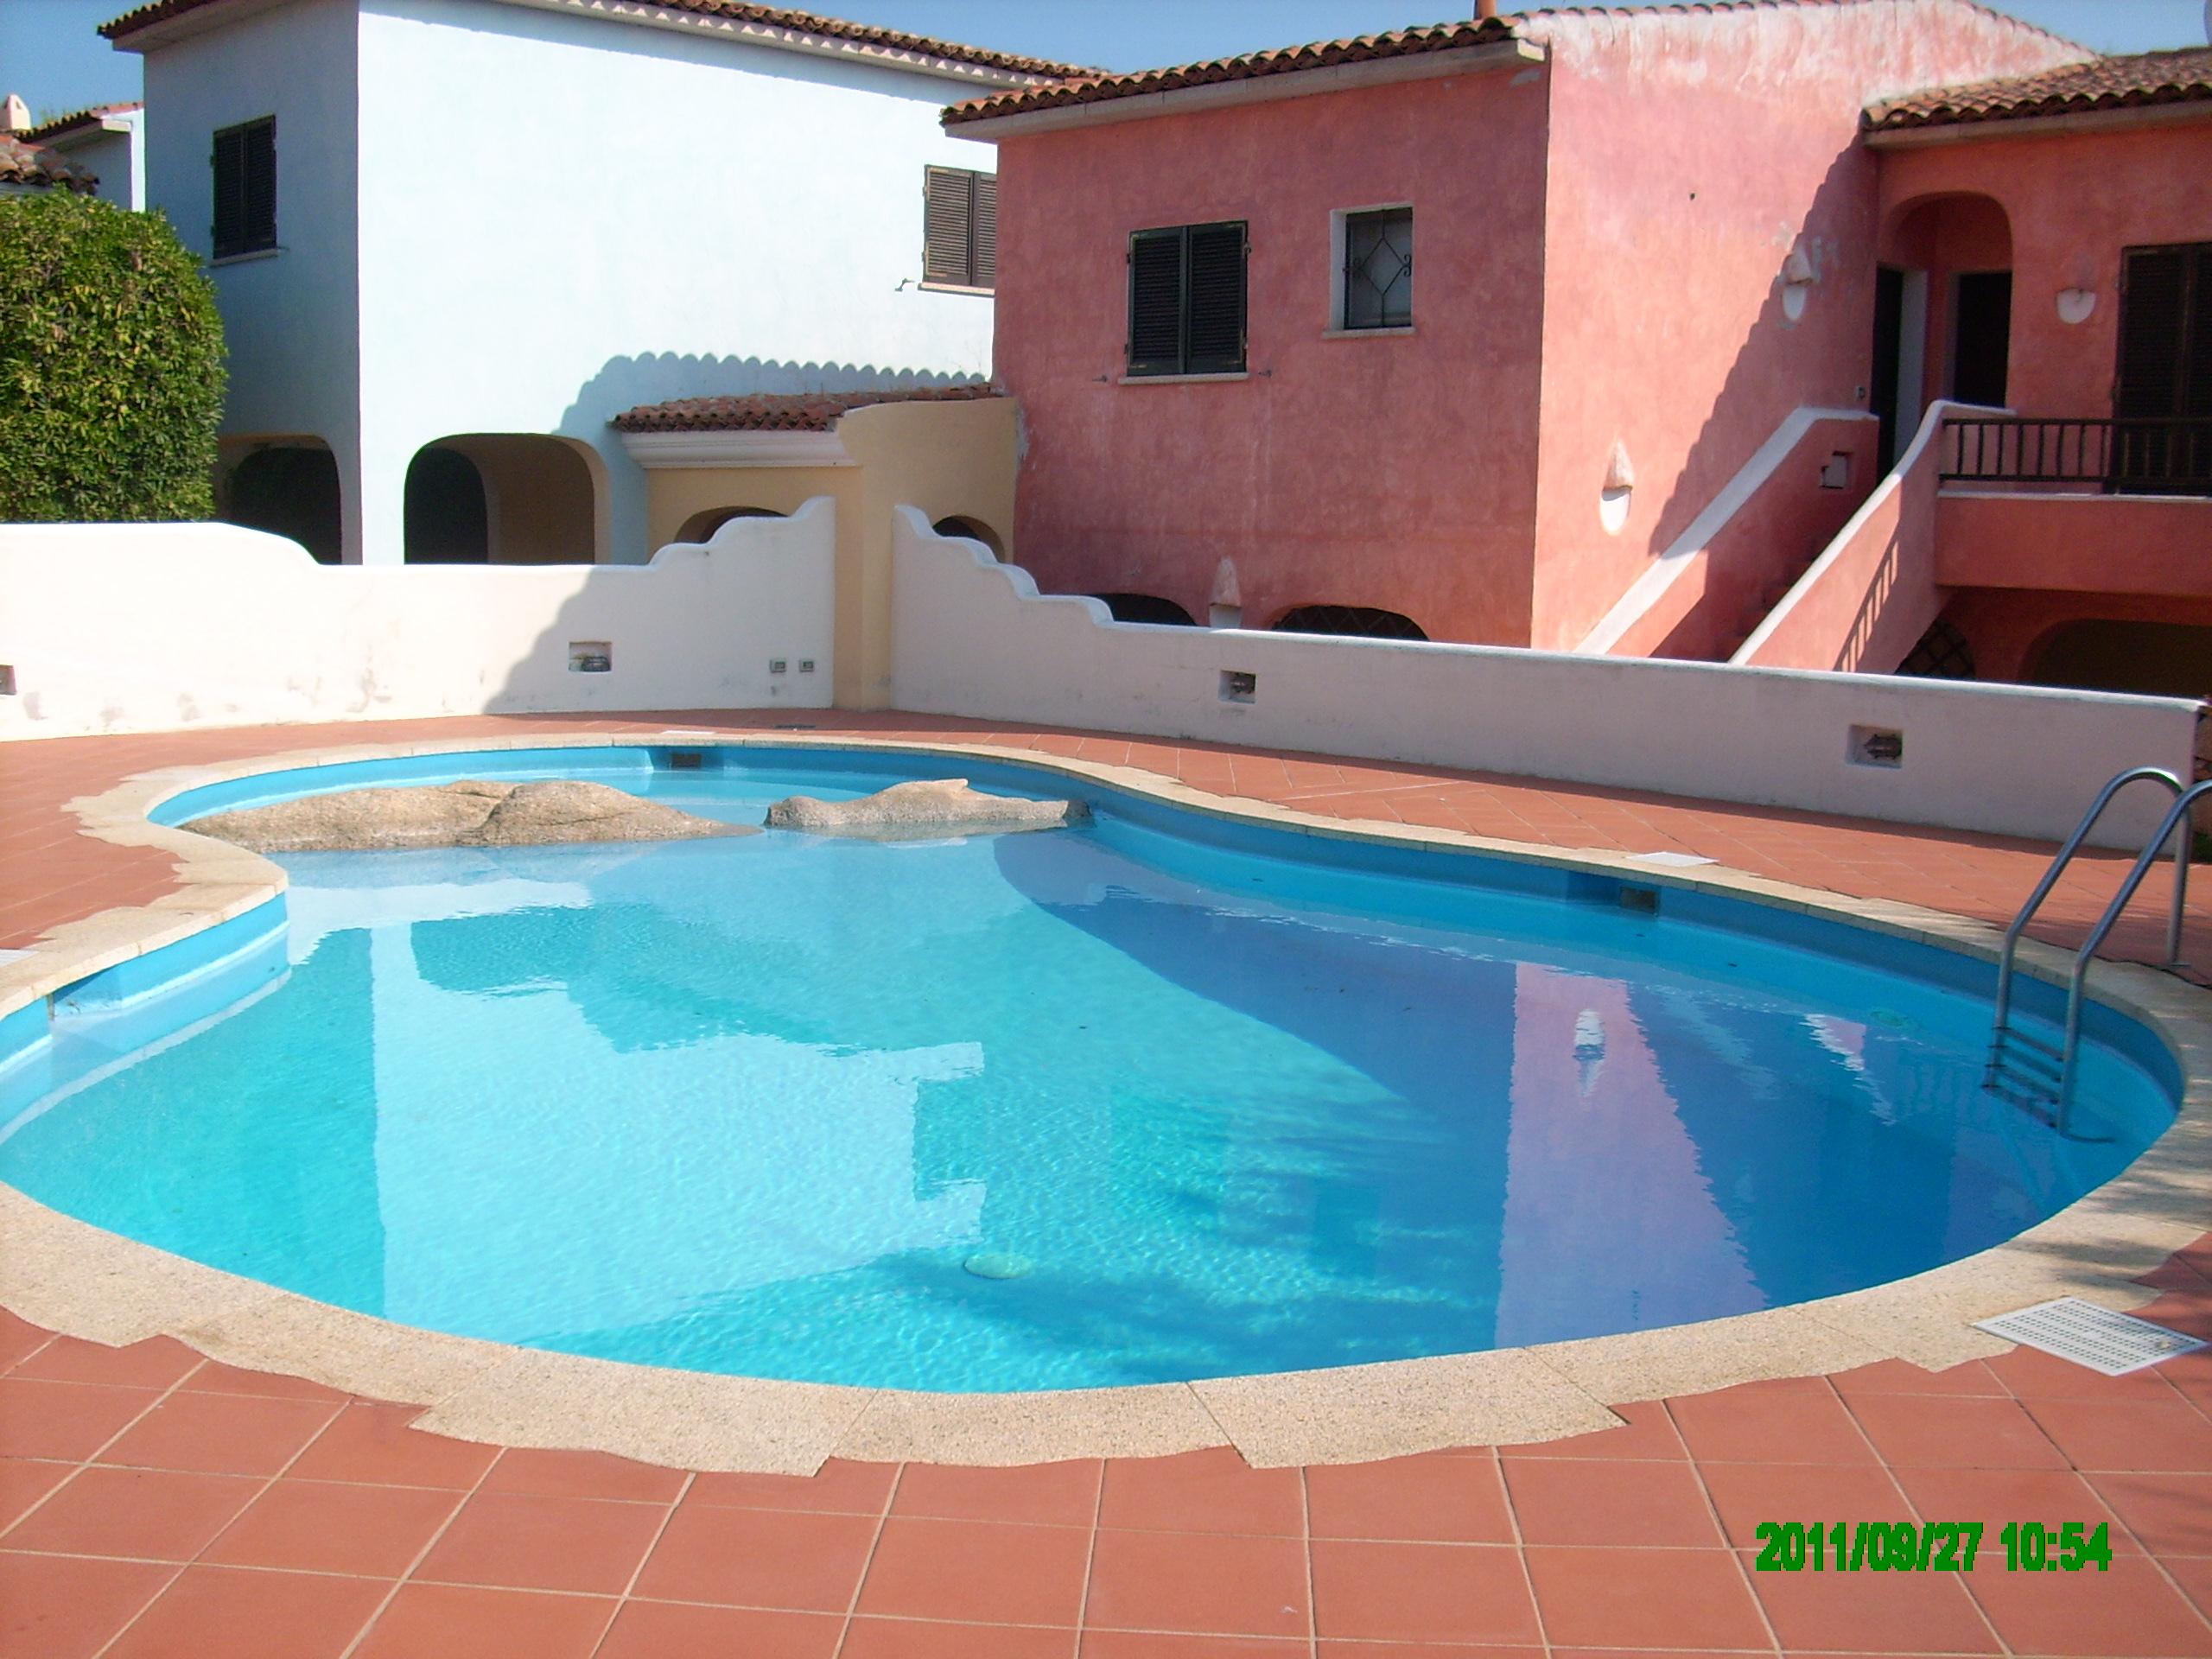 Appartamenti domus cannigione sardegna avitur tour operator - Appartamenti con piscina ...